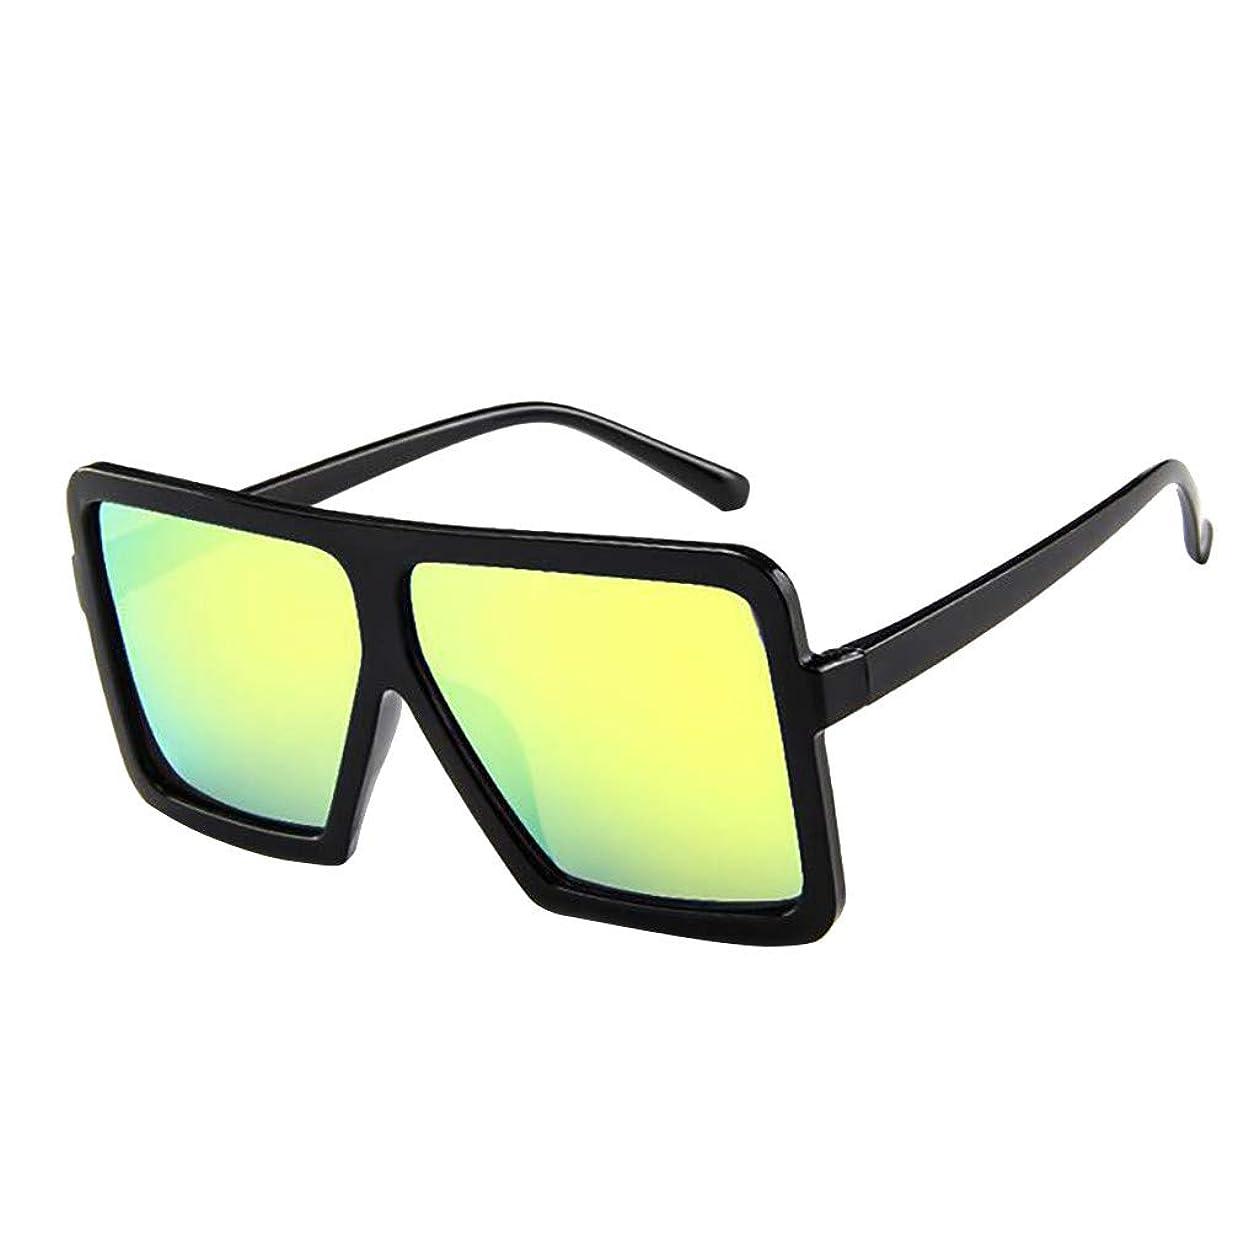 振動する有名な自動サングラスサングラス男性と女性のファッションサングラスレトロメガネUVユニセックスラージフレームサングラスメガネ平面ミラーメガネ超軽量を運ぶのは簡単野生の偏光スポーツサングラス (イエロー)